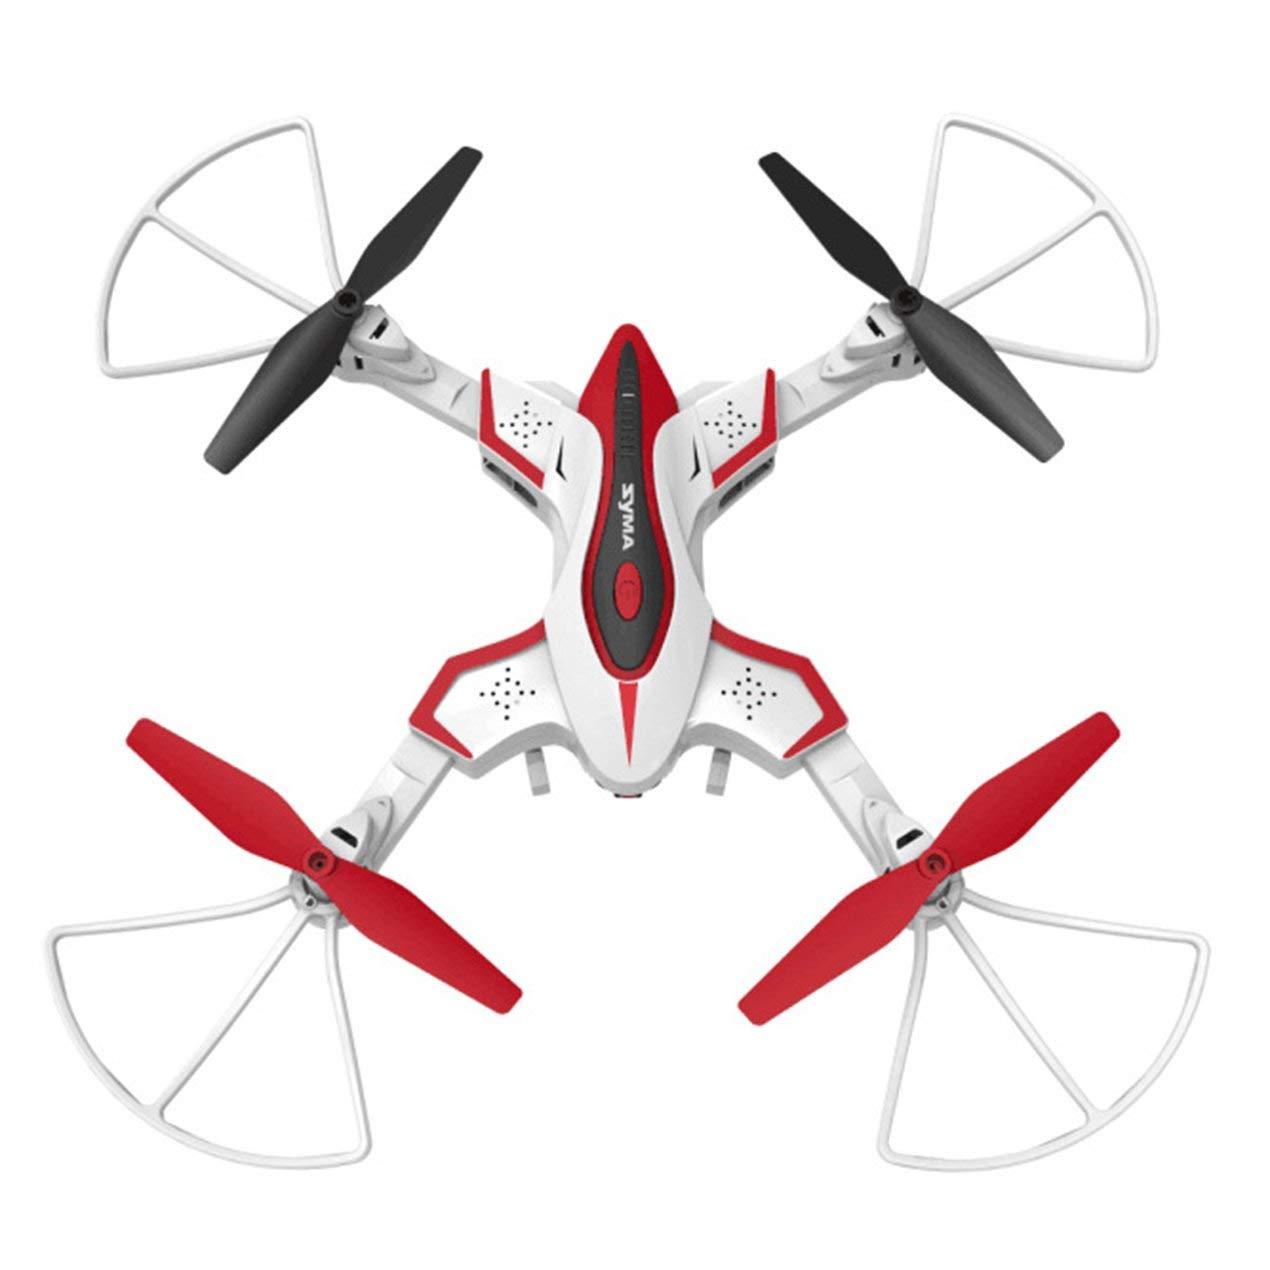 Dooret Plegable 4-Ejes X56W G-Sensor FPV RC Drone Quadcopter con ...